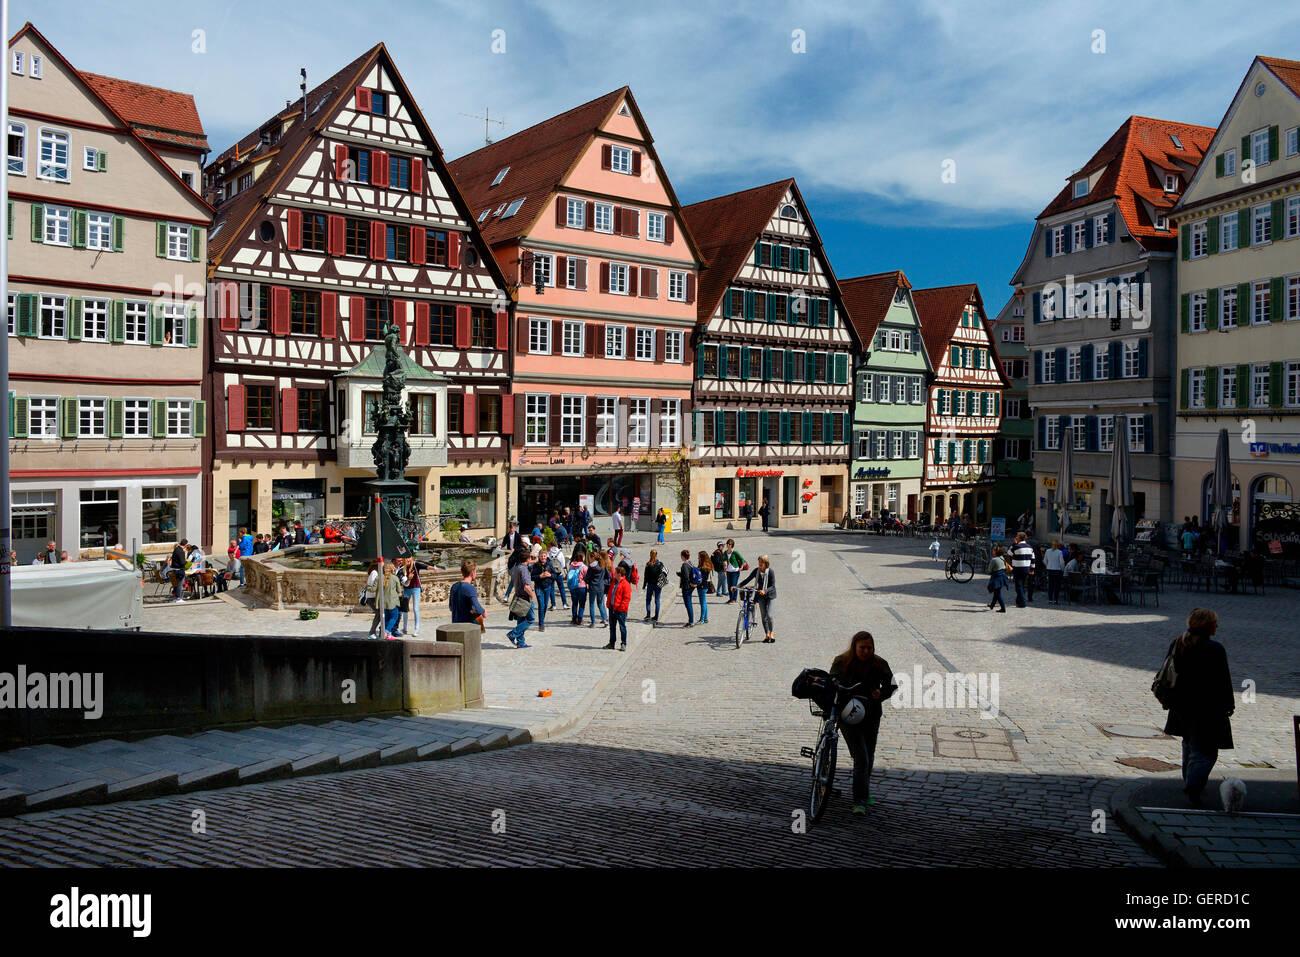 Marktplatz mit Neptunbrunnen, Marktbrunnen, Altstadt, Tuebingen, Baden-Wuerttemberg, Schwaebische Alb, Deutschland - Stock Image